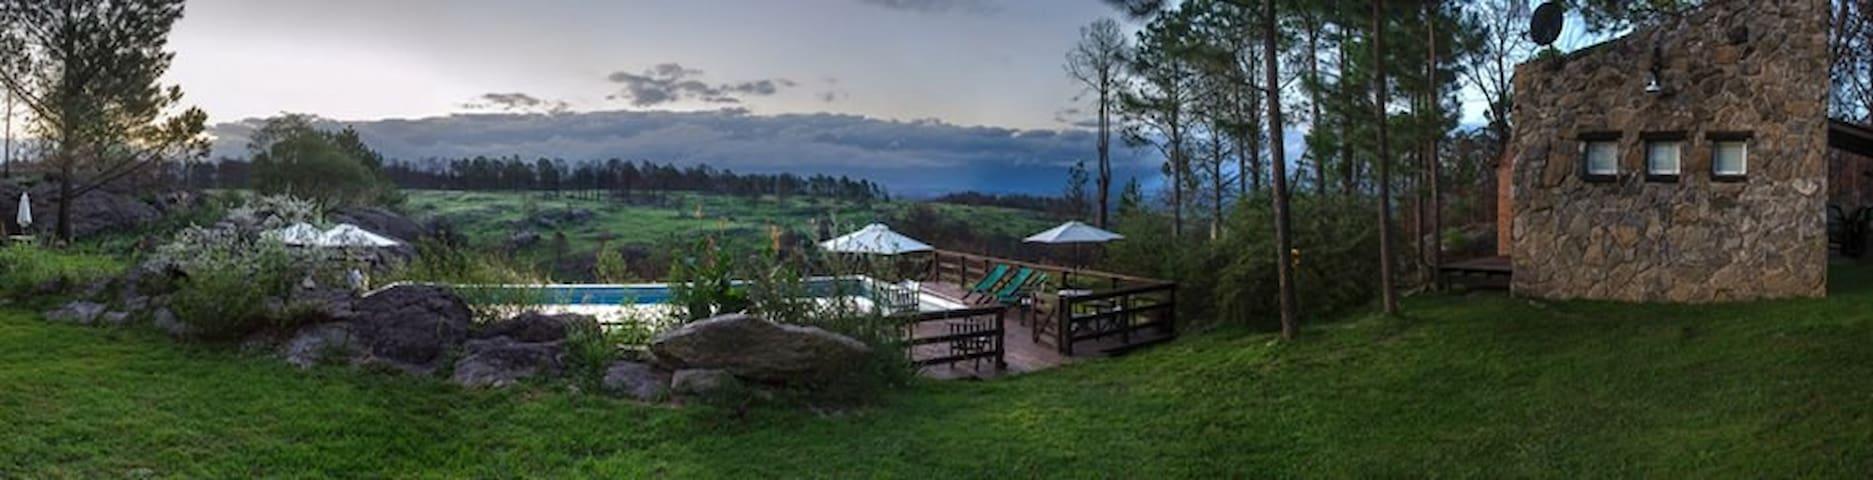 Terrazas al bosque de Calamuchita - Villa General Belgrano - Haus